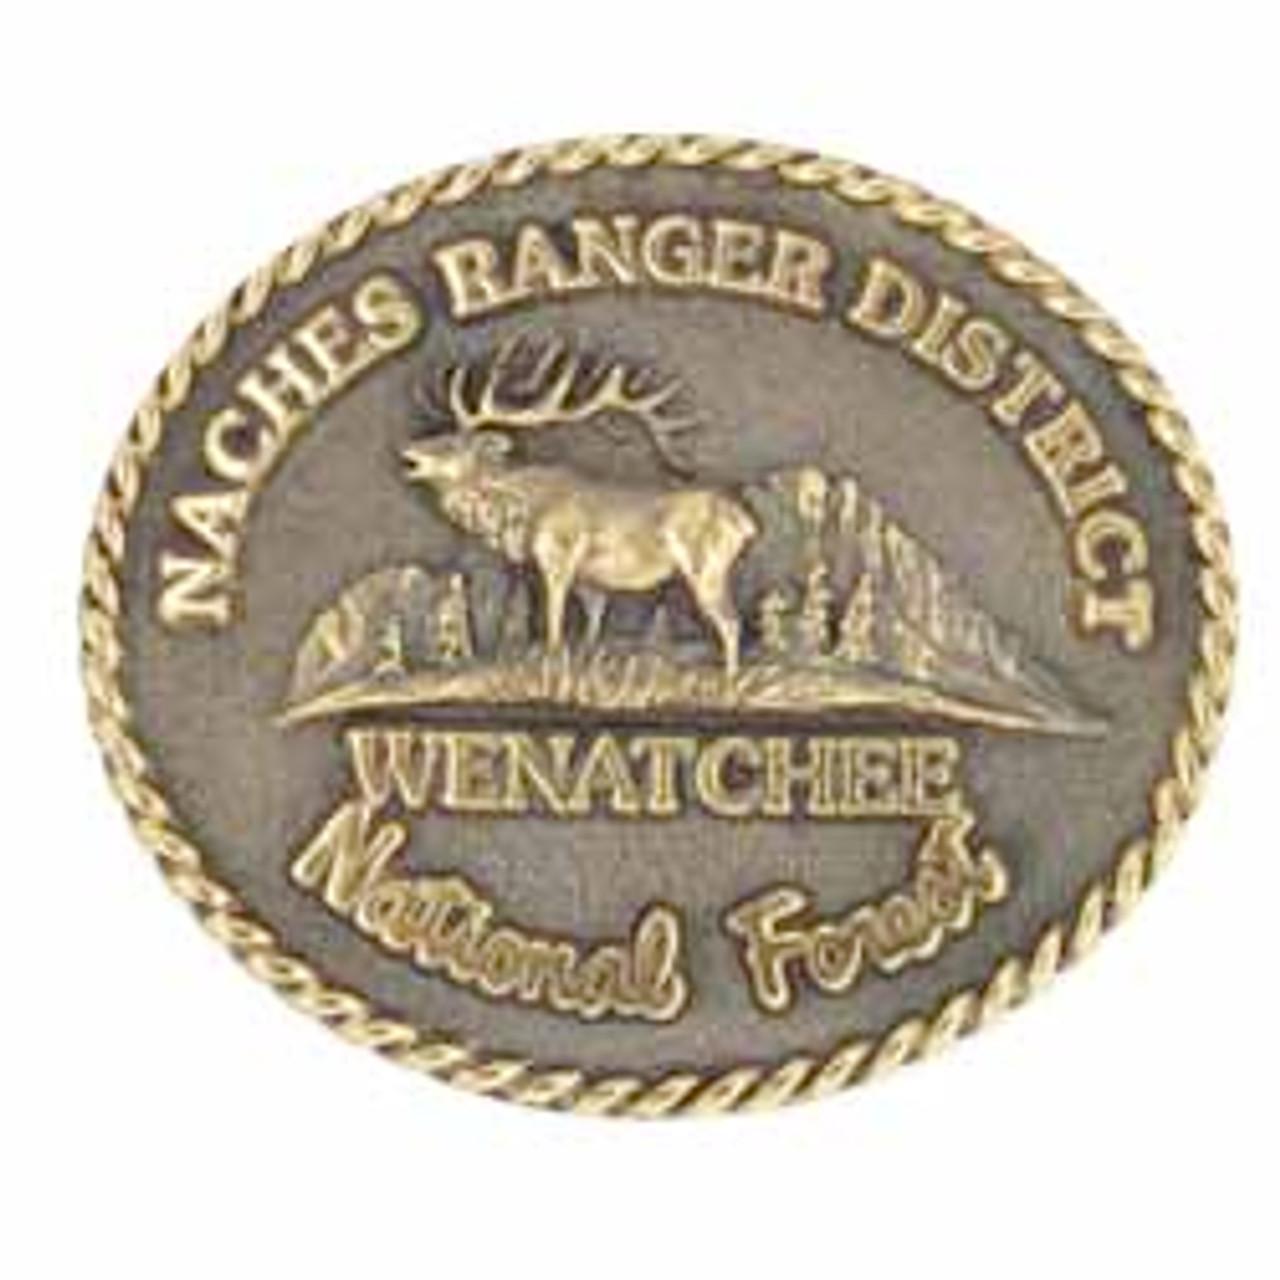 Naches Ranger District Buckle